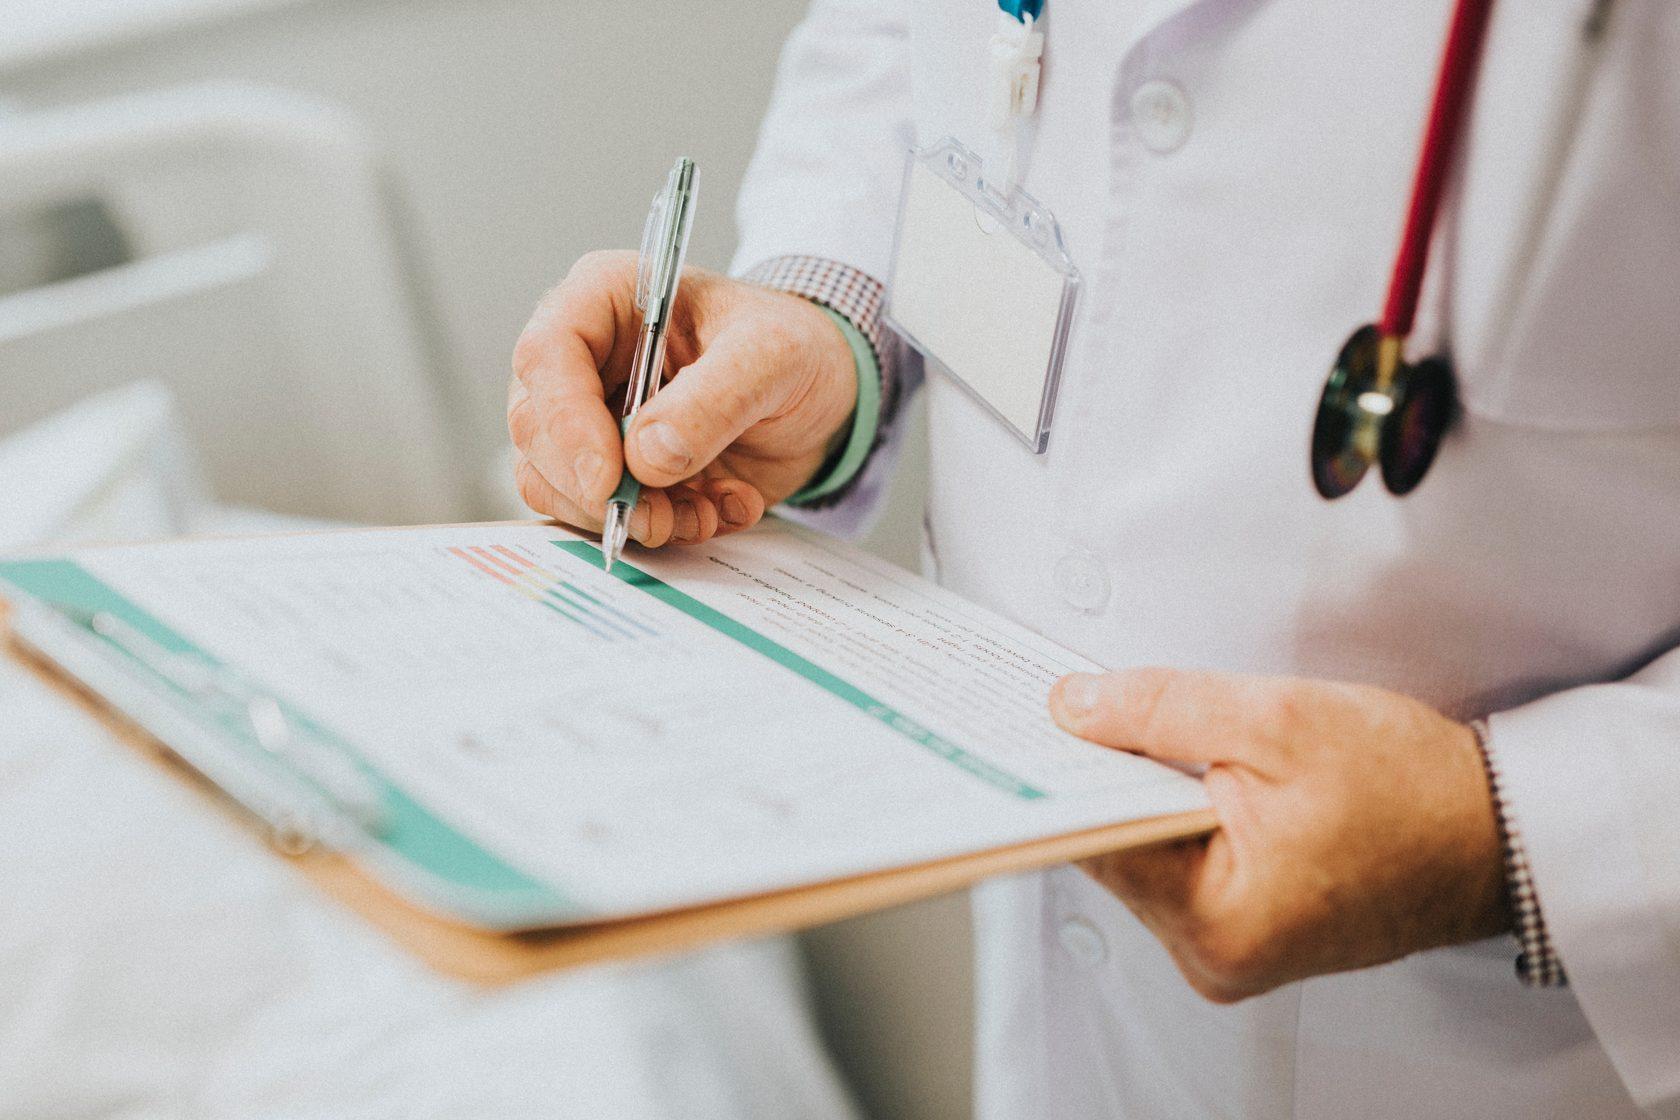 Свыше 80% ЛЖВ с гепатитом и циррозом печени редко проверяются на рак - изображение 1